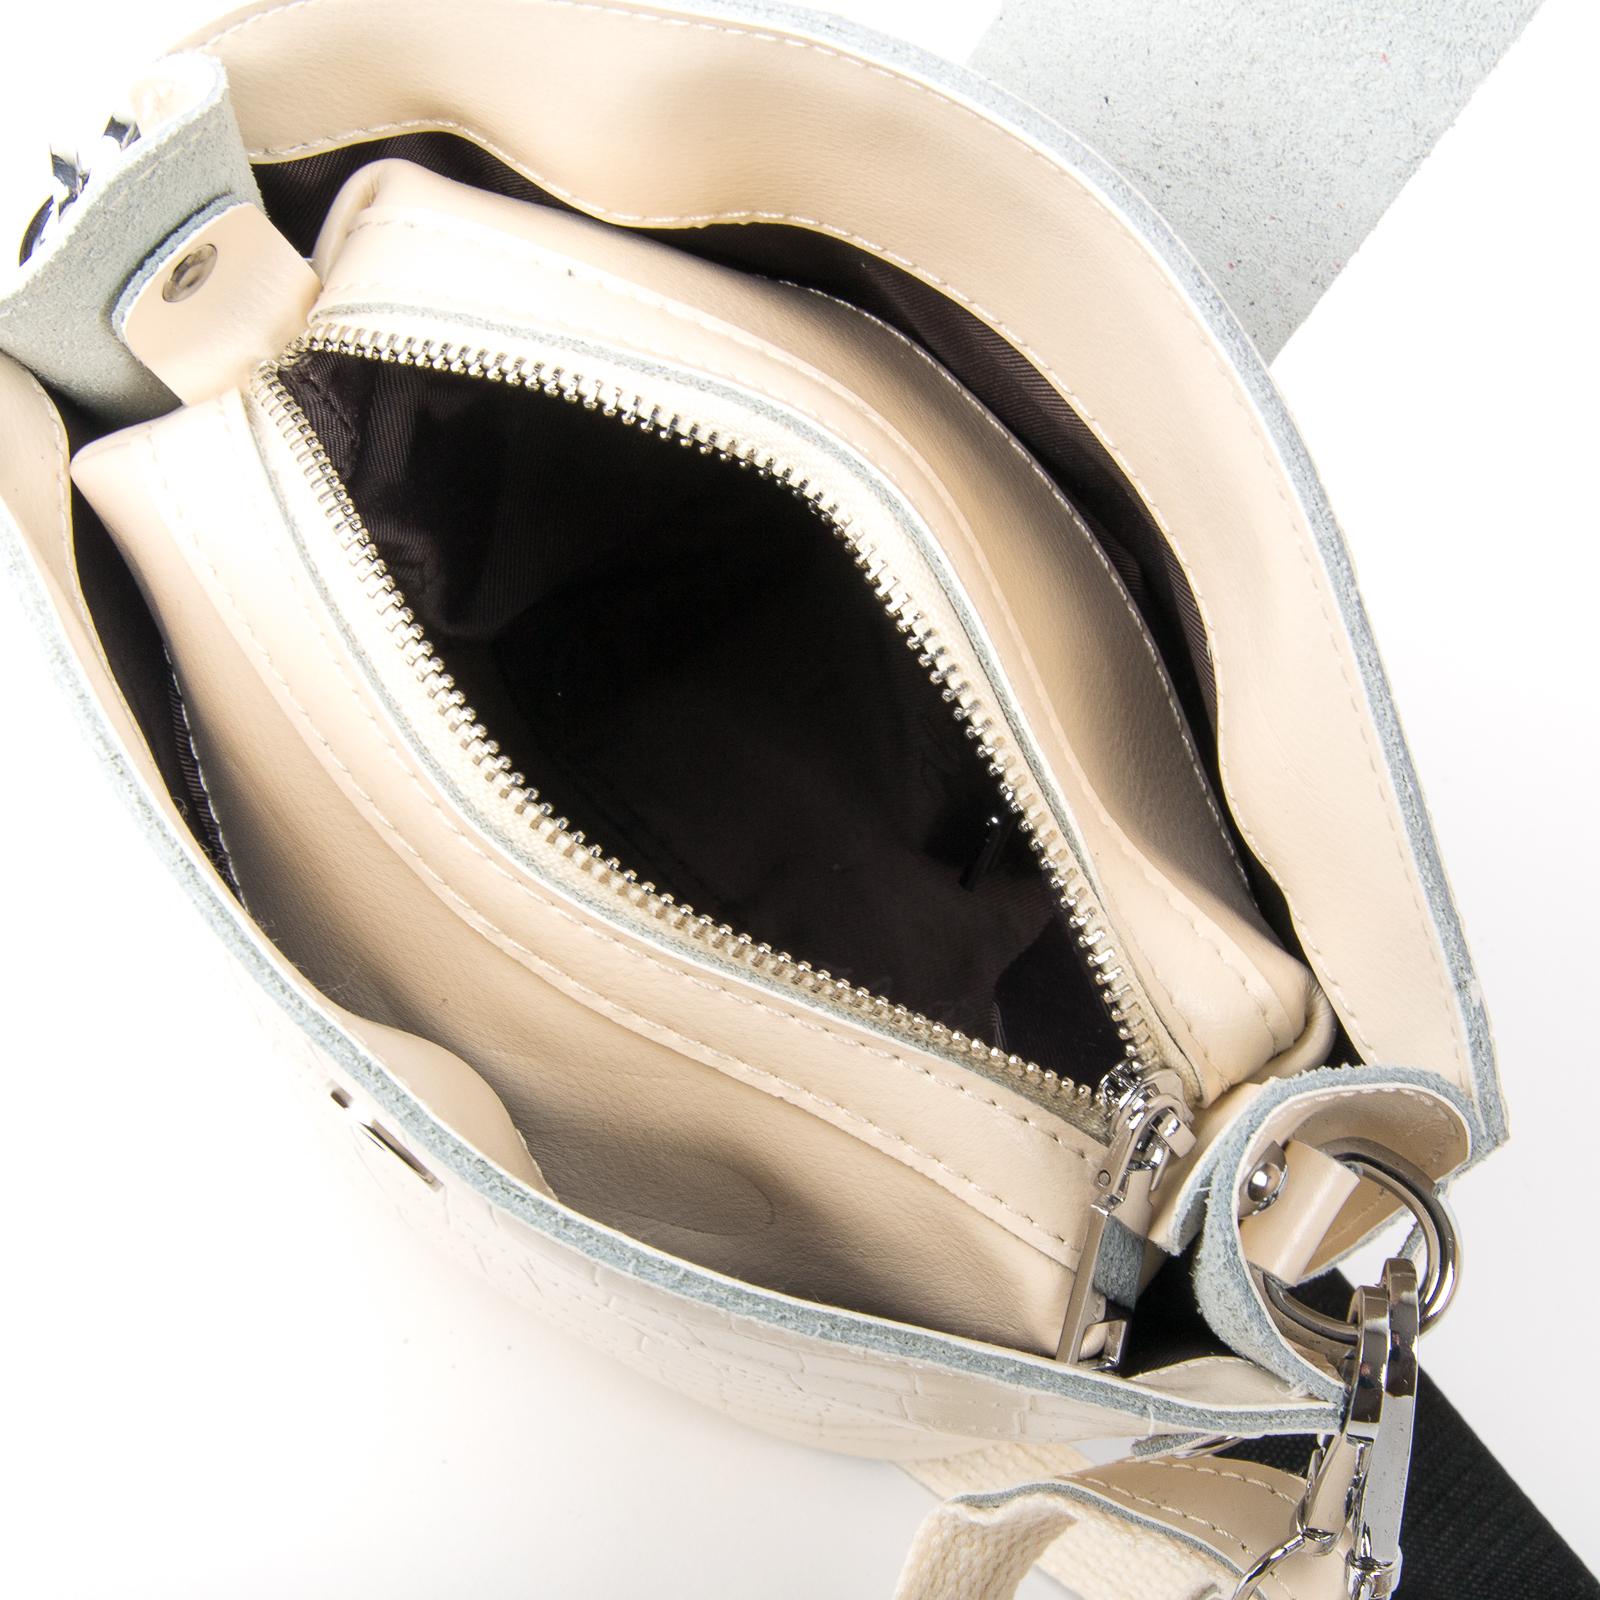 Сумка Женская Классическая кожа ALEX RAI 03-01 2237 beige - фото 5